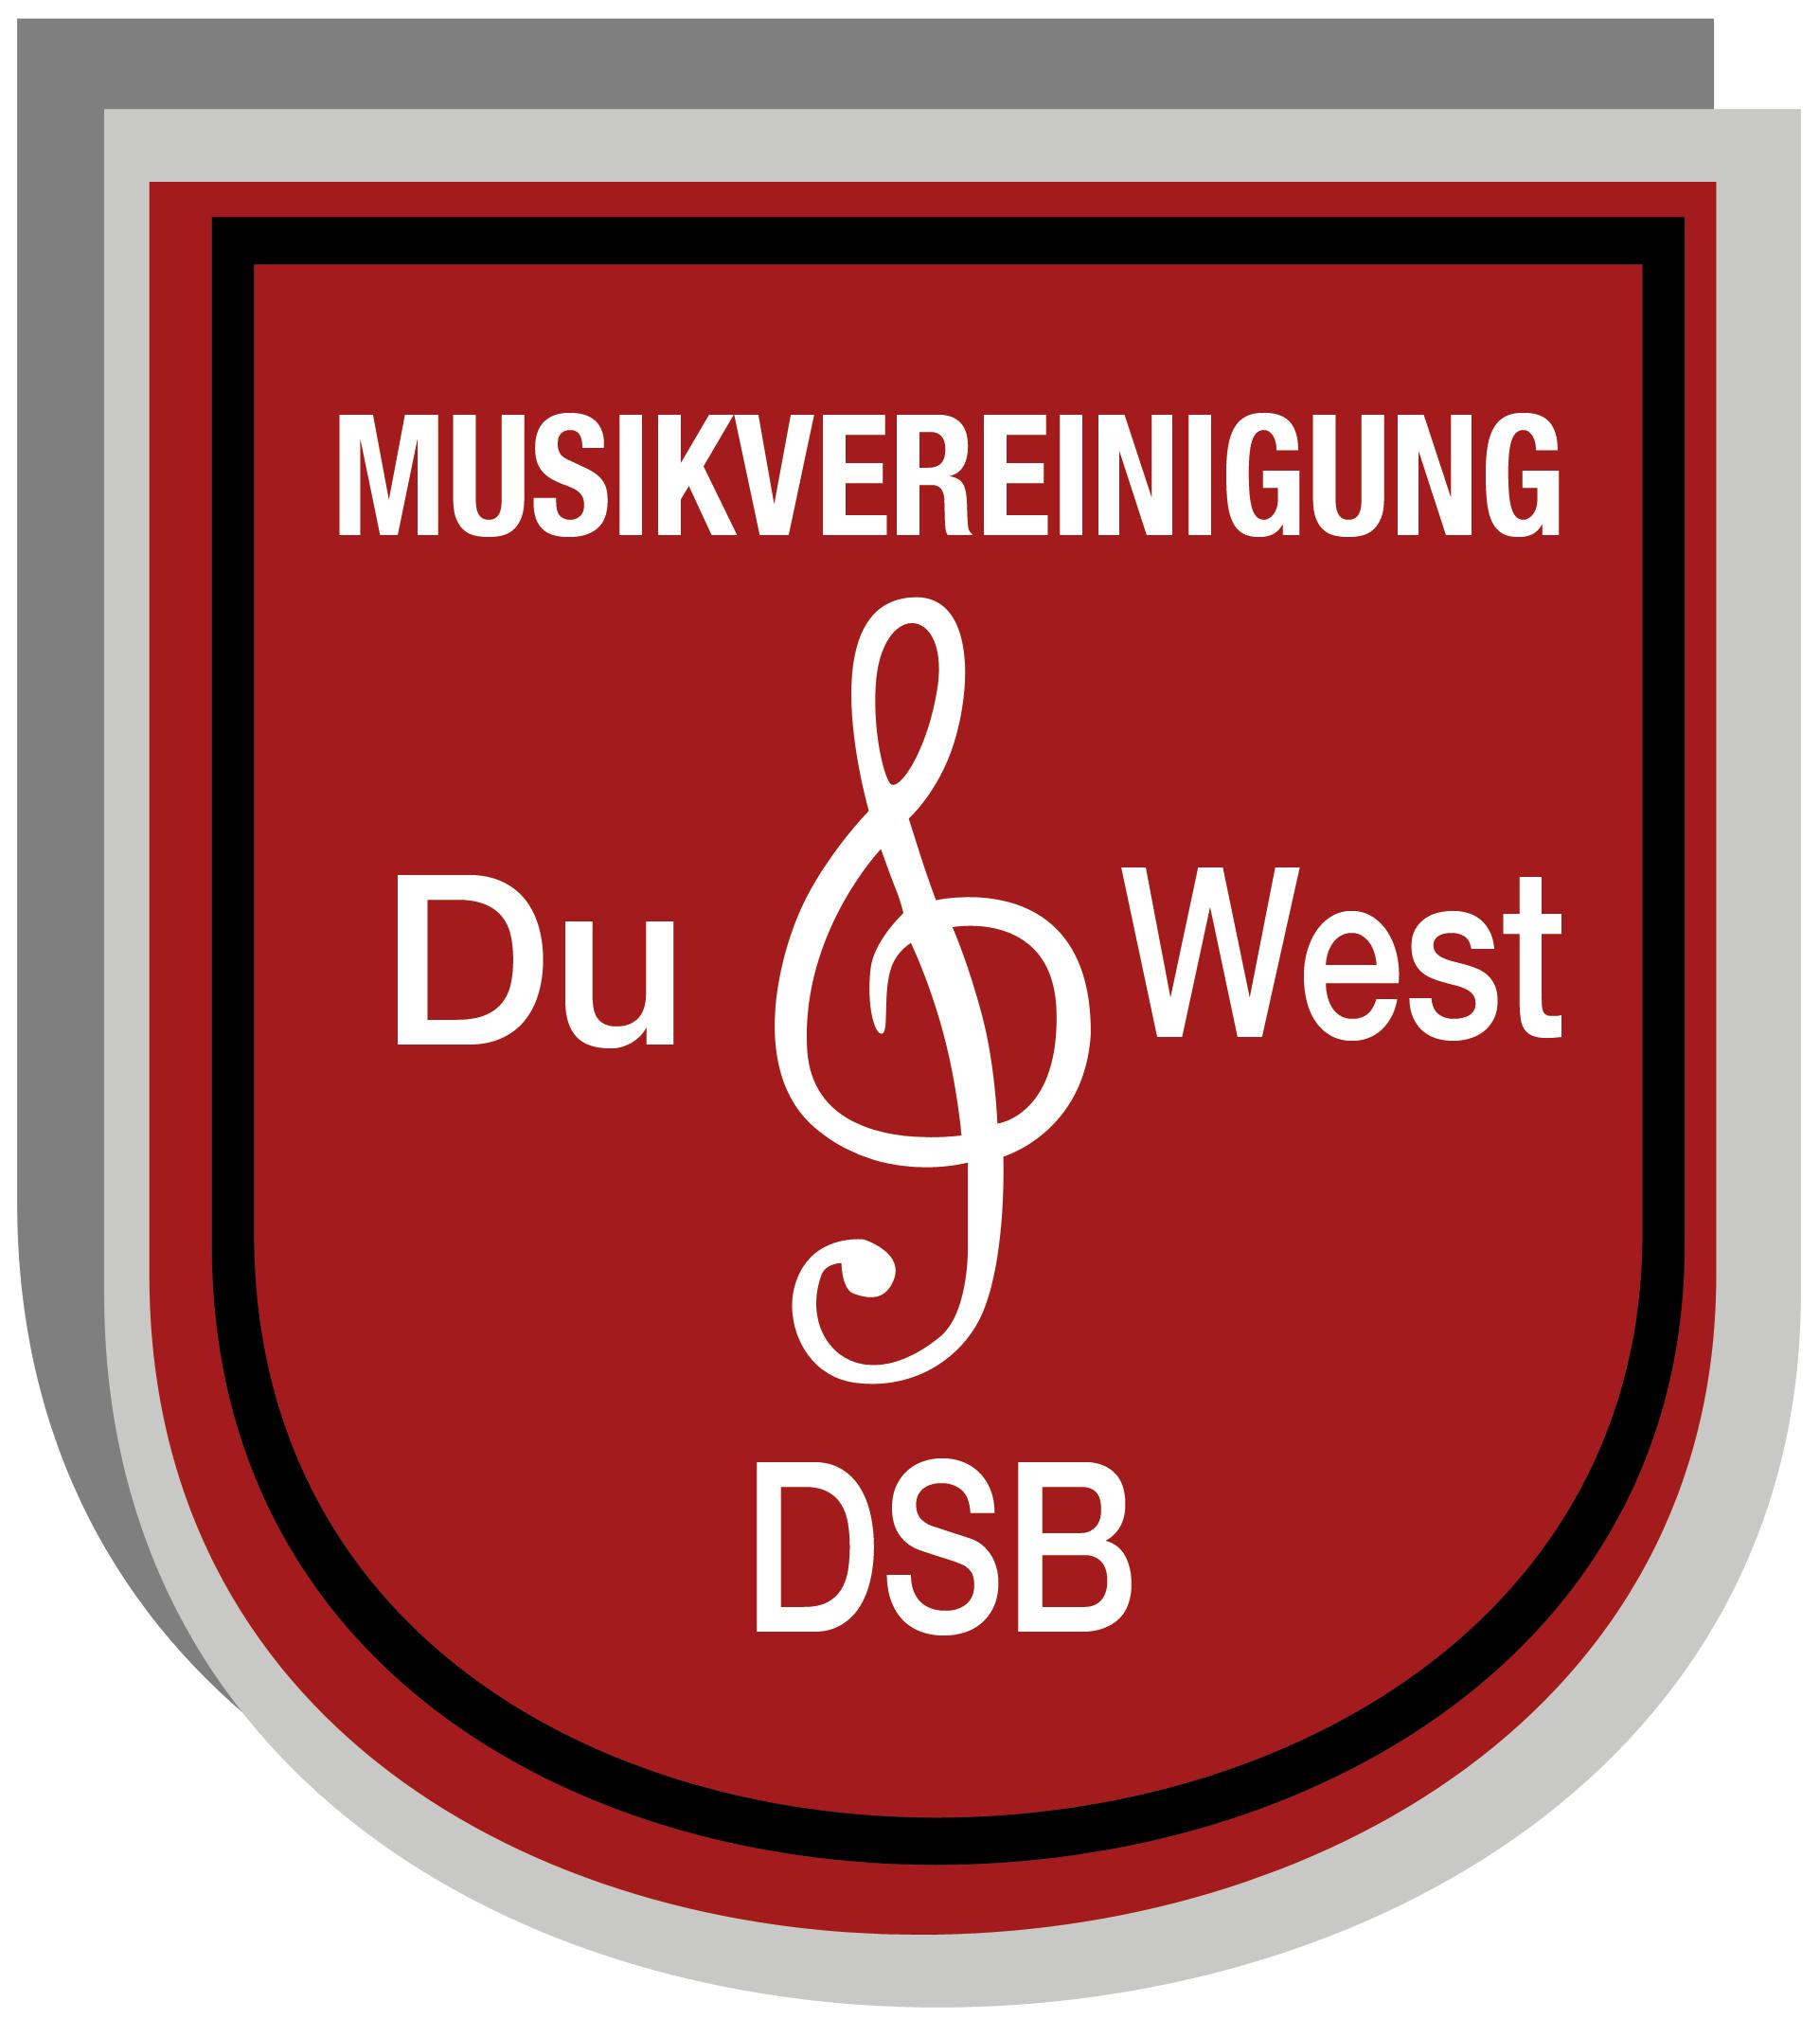 Musikvereinigung Duisburg West